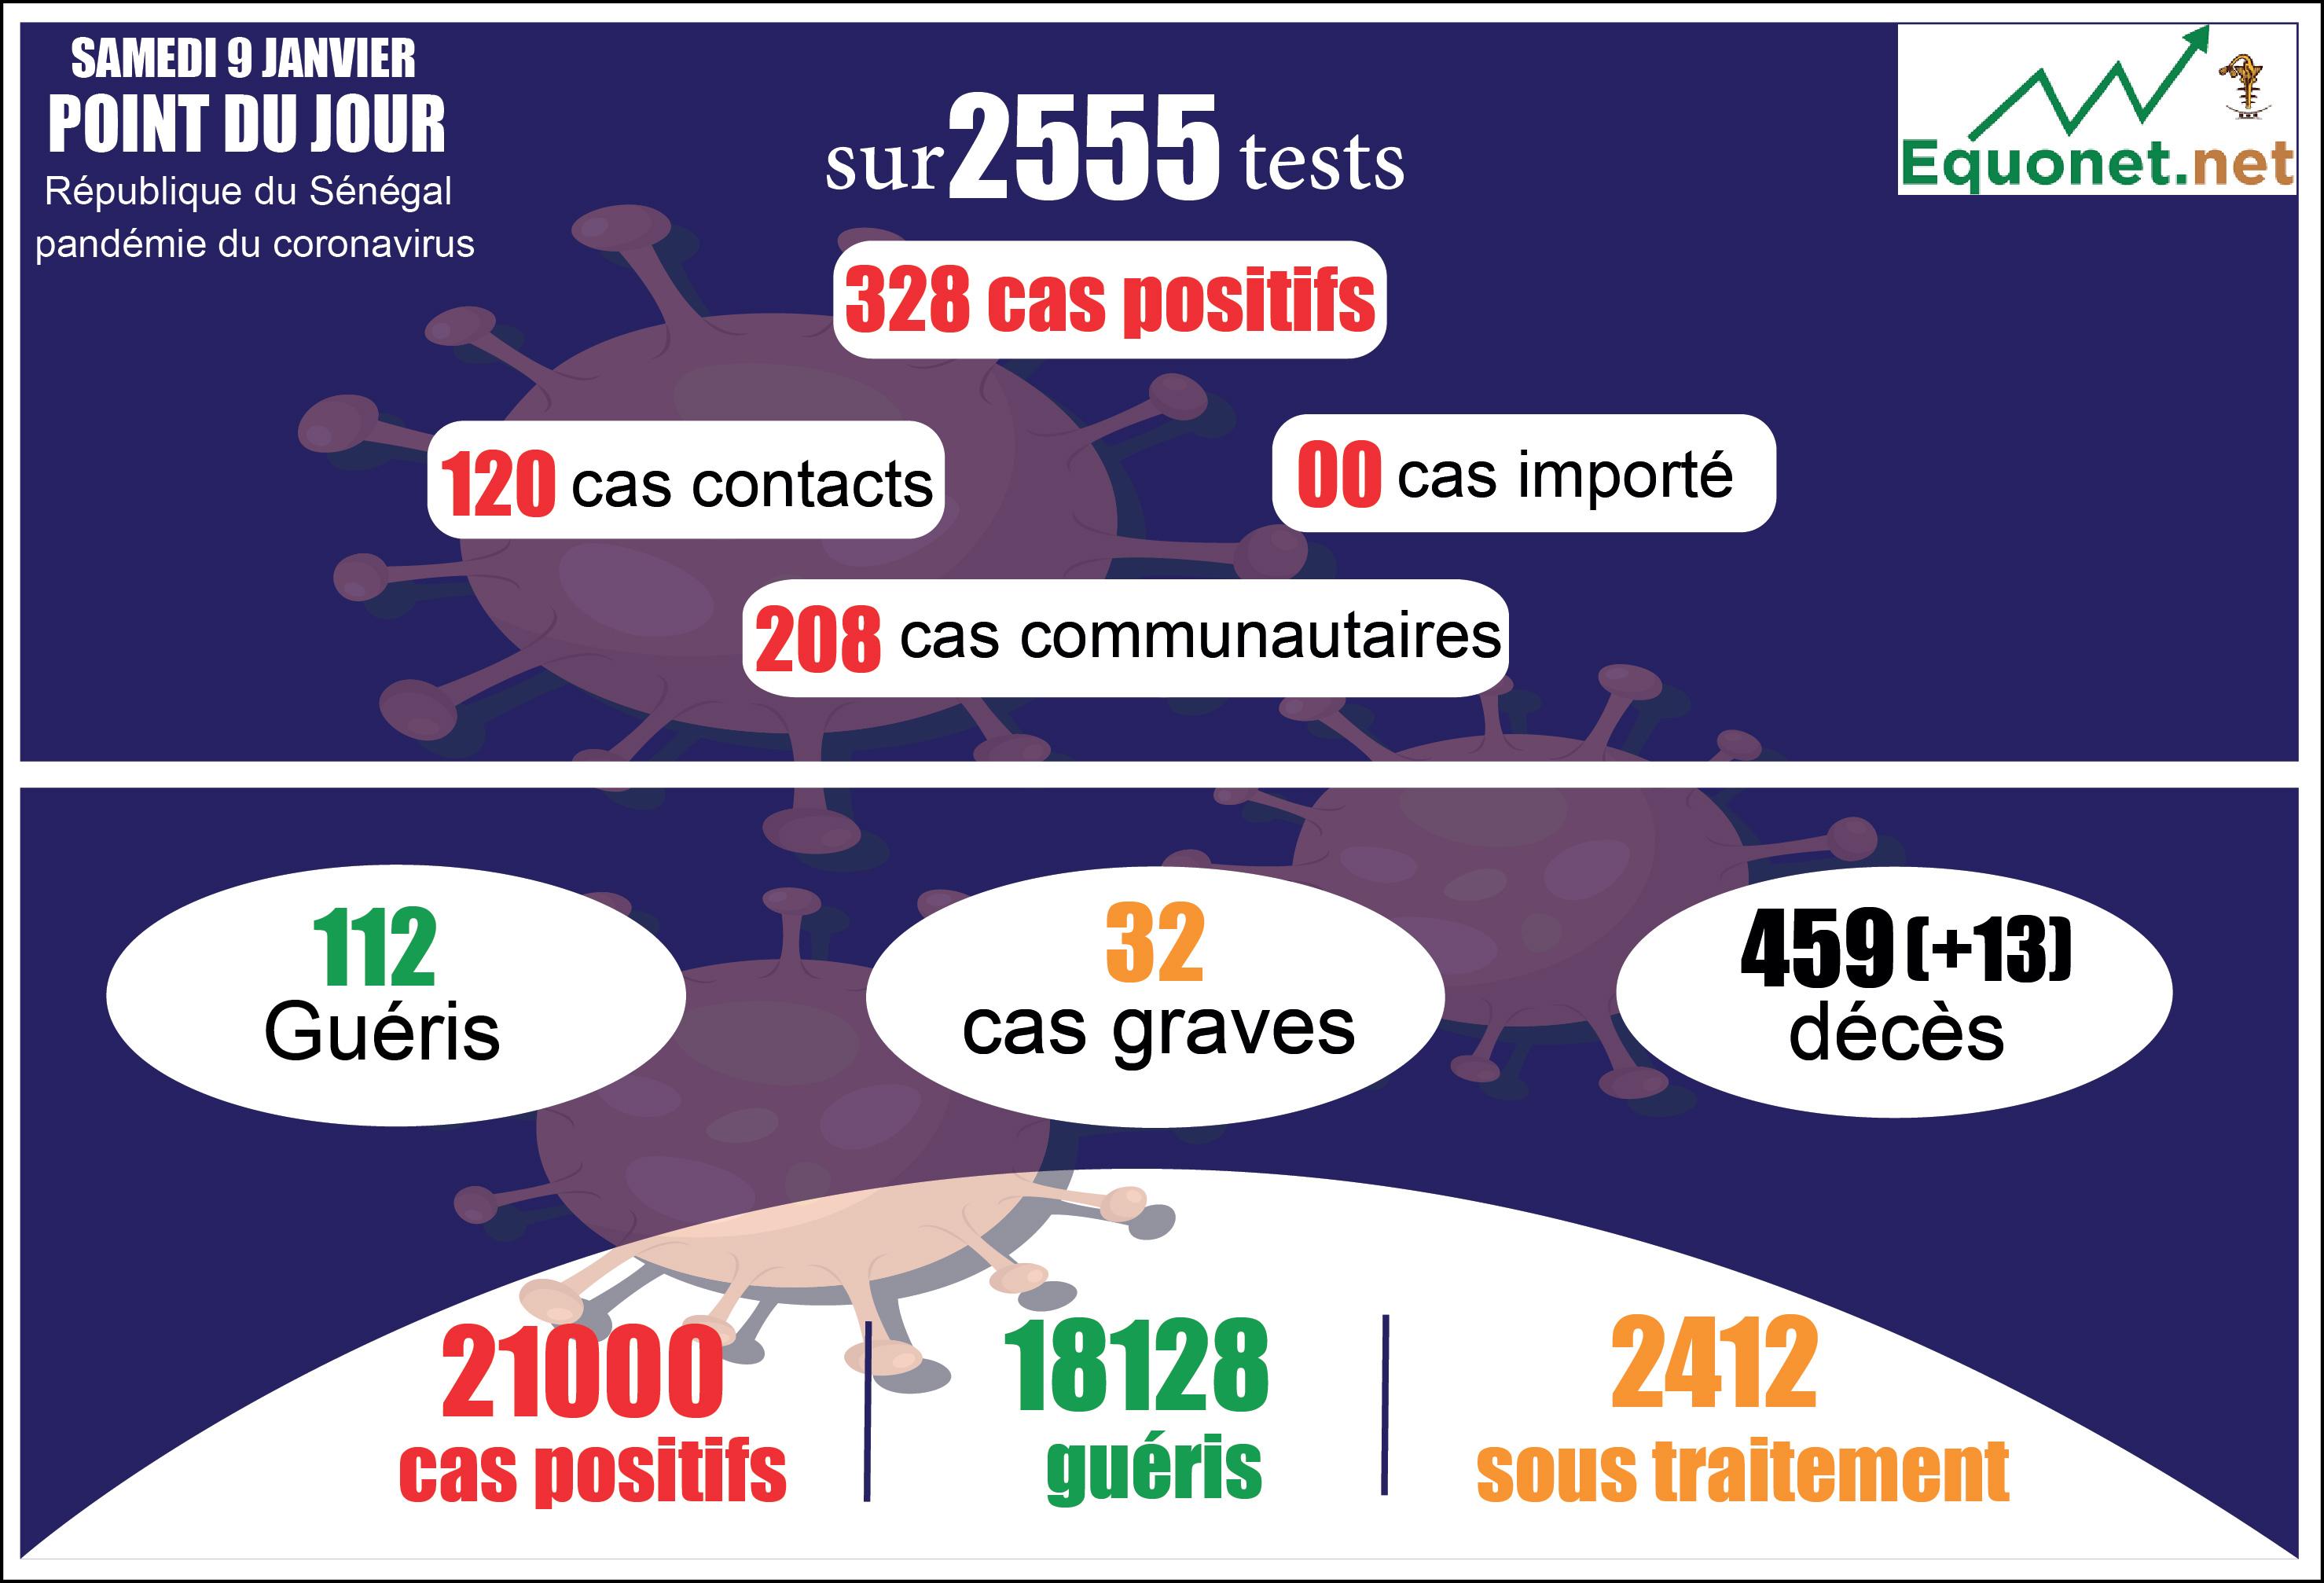 pandémie du coronavirus-covid-19 au sénégal : 208 cas communautaires ont été enregistrés ce samedi 9 janvier 2021